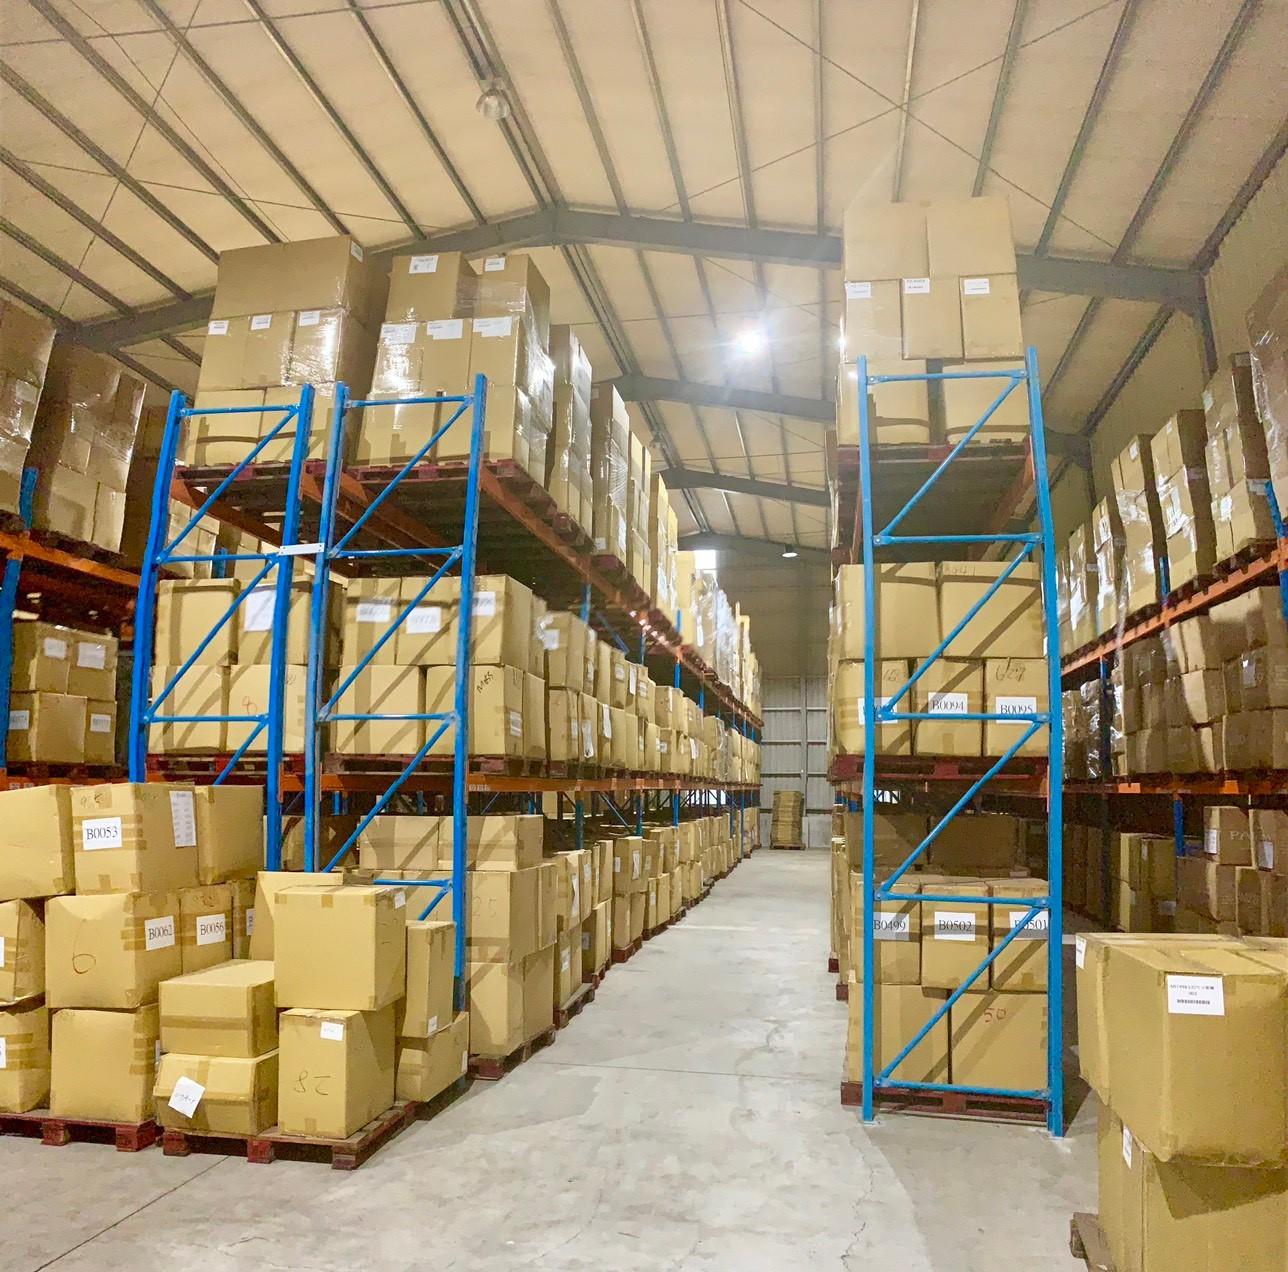 睿喆新物流股份有限公司 RuiZhe logistics co. ltd